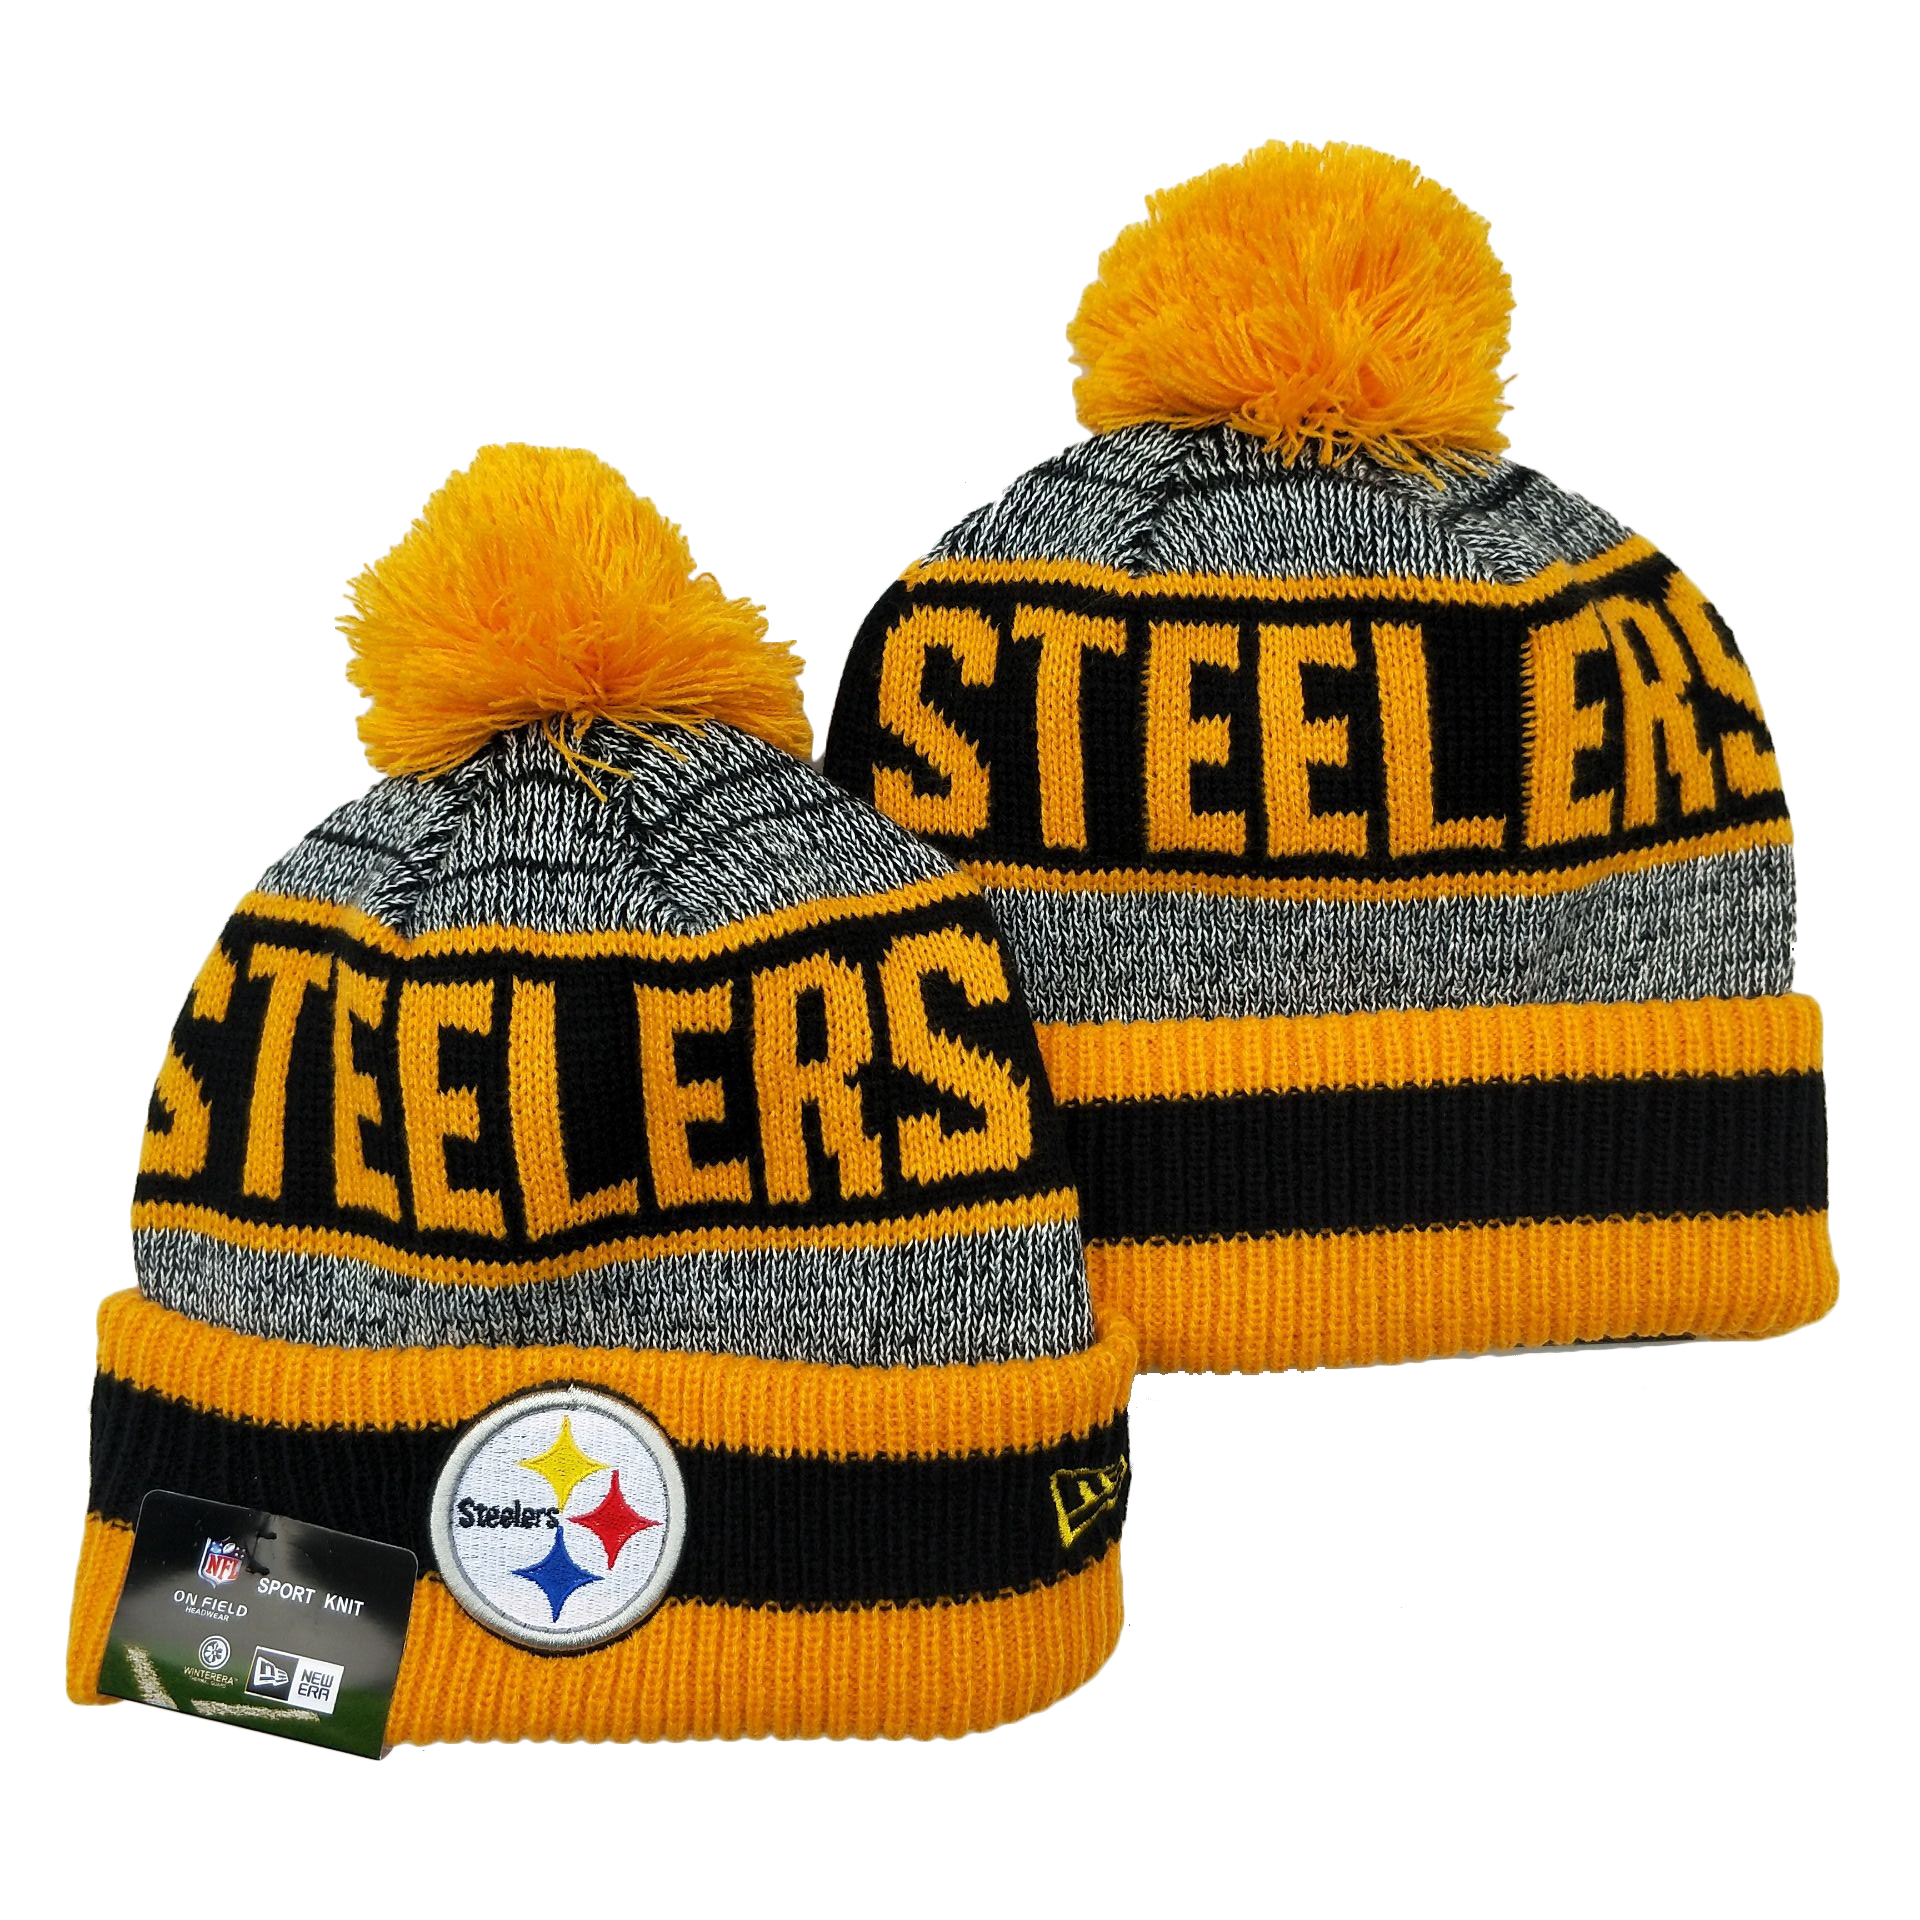 Steelers Team Logo Yellow Pom Cuffed Knit Hat YD